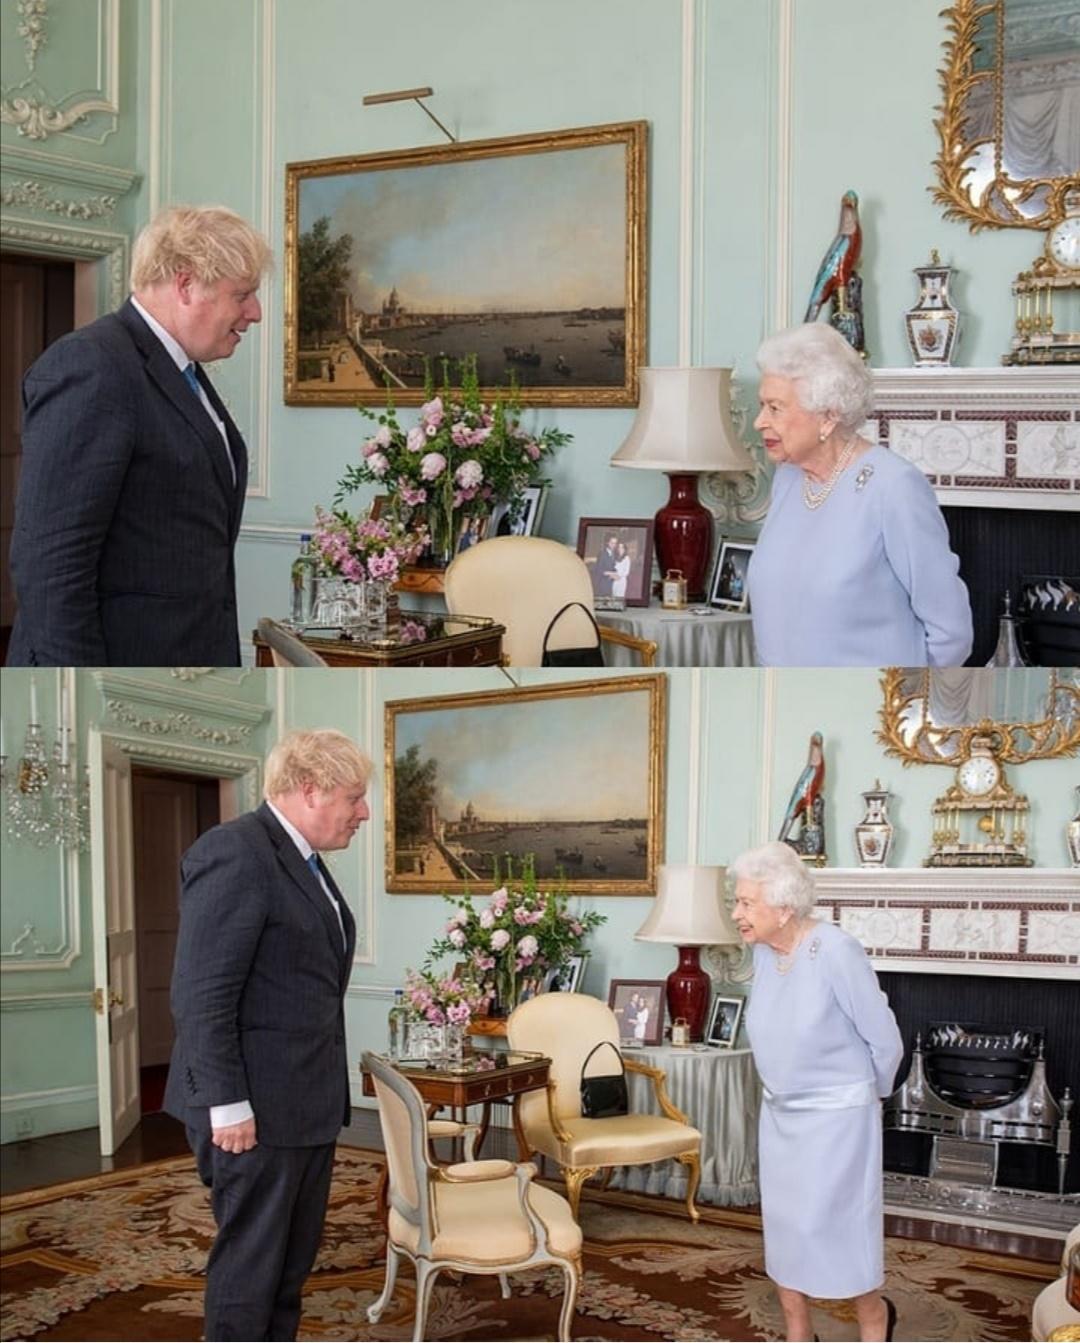 أول لقاء الملكة مع رئيس الوزراء بوريس جونسون- الصورة من حساب الملكة إليزابيث على إنستغرام